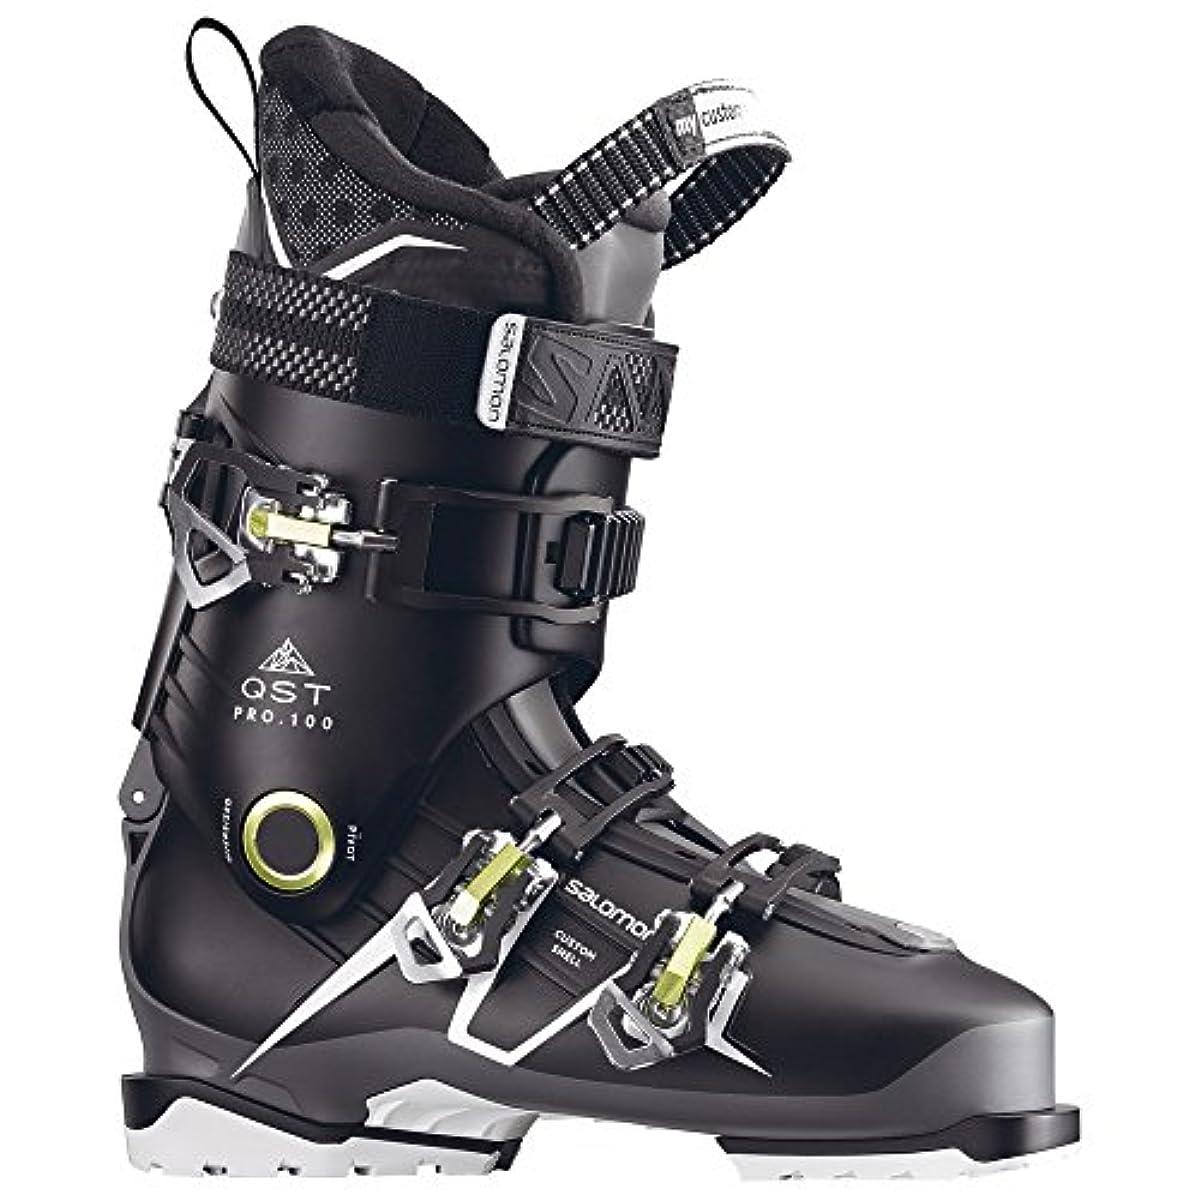 [해외] 살로몬SALOMON 스키화 QST PRO 100 퀘스트quest 프로 100 2016-17 모델